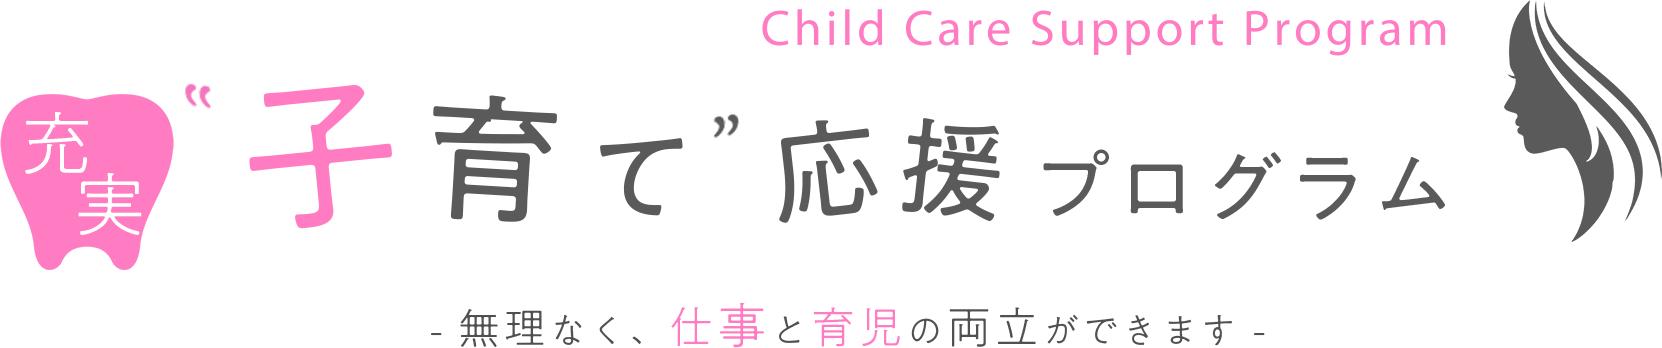 子育て応援プログラム